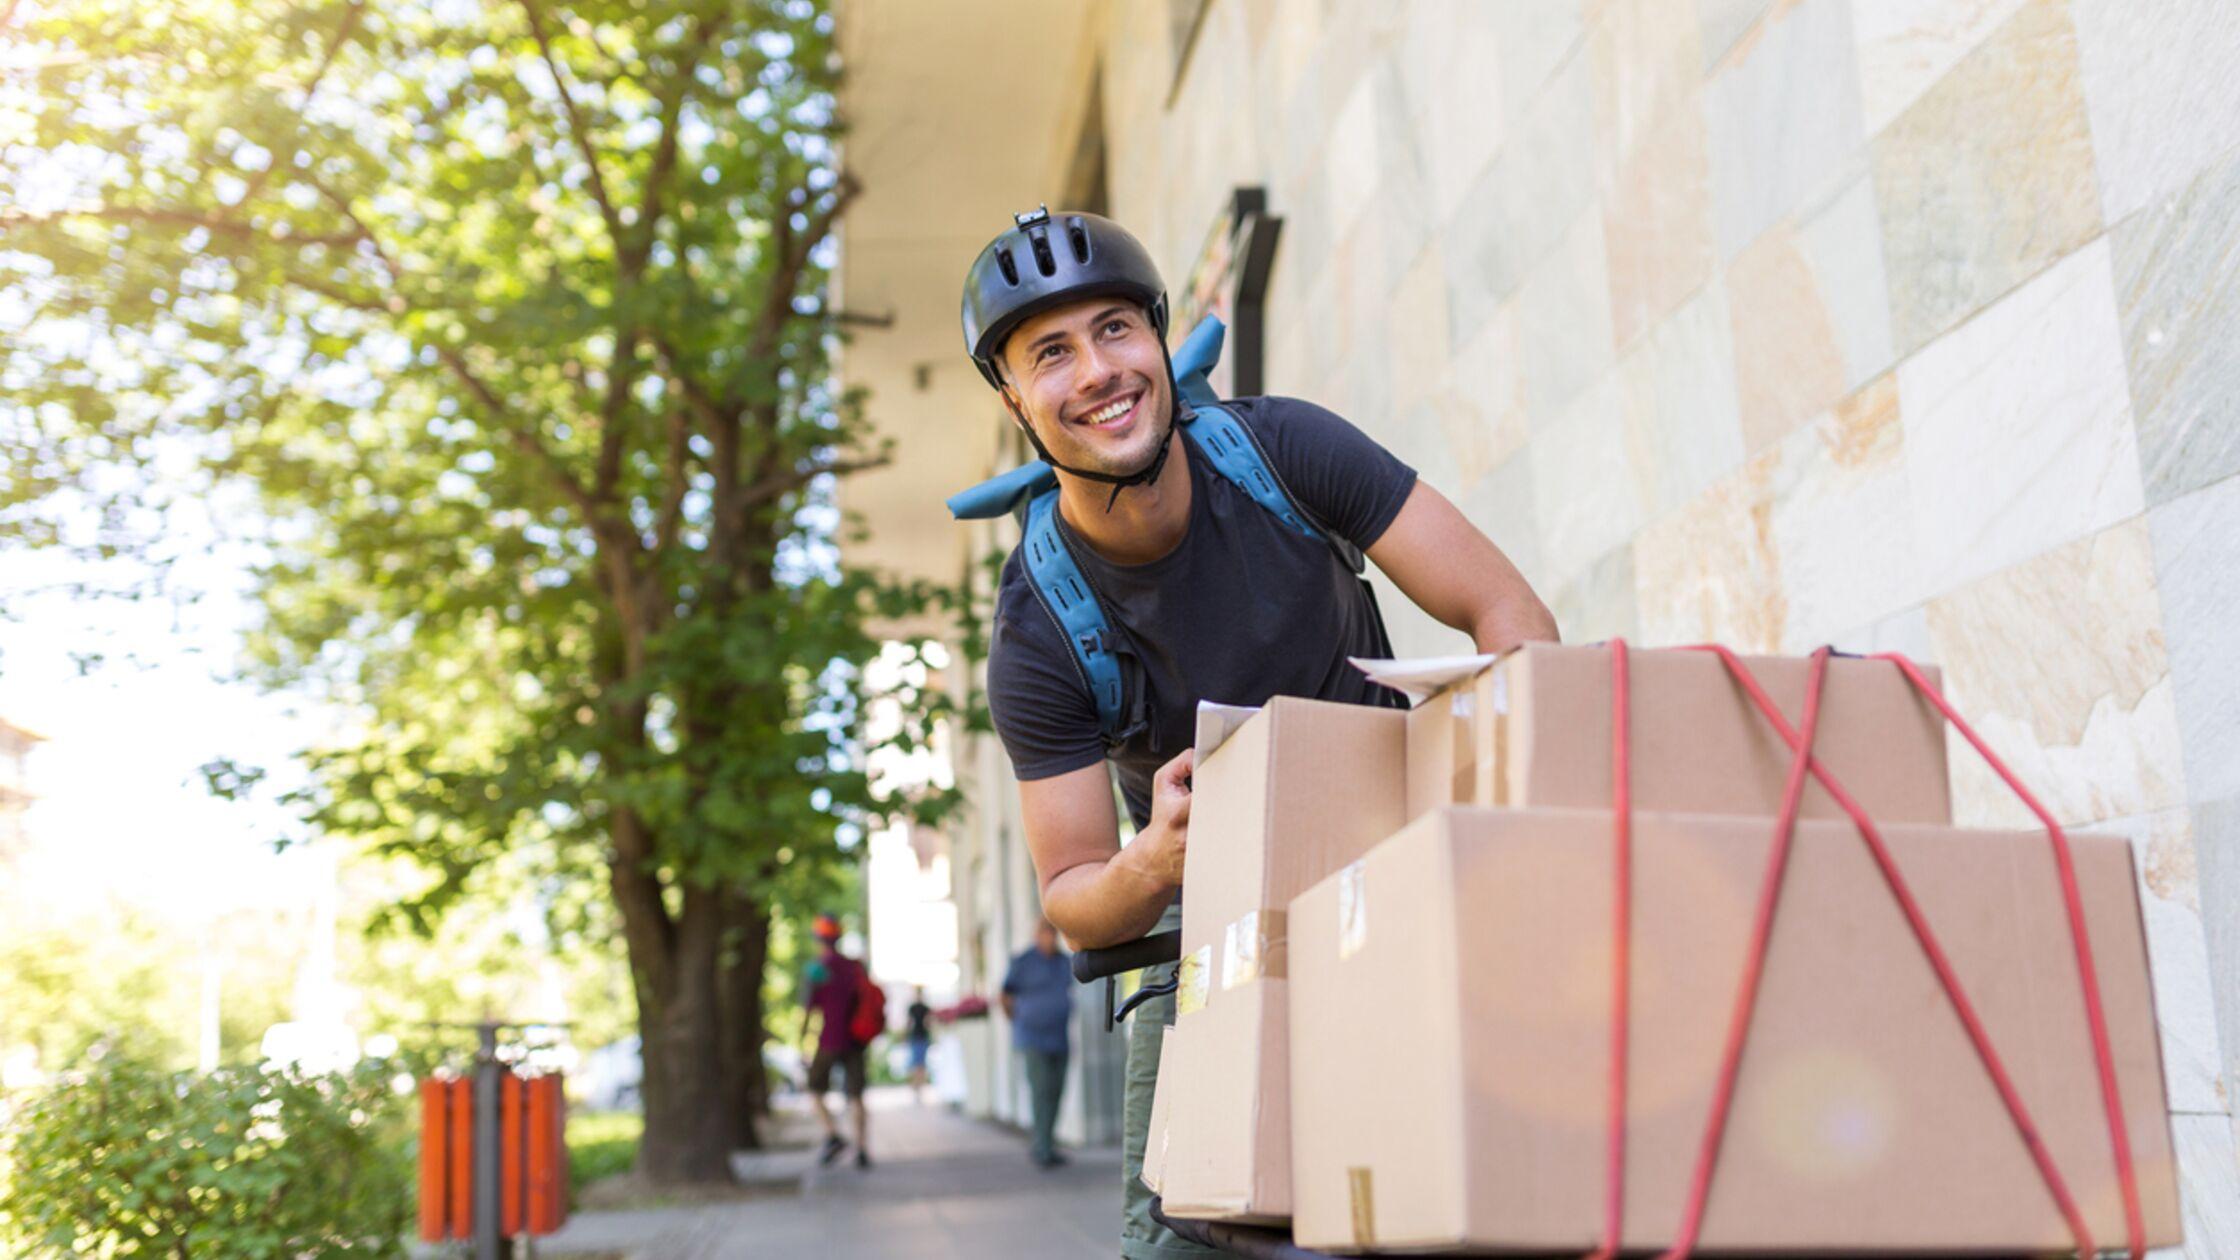 Mann auf Fahrrad, auf das Kartons geschnallt sind